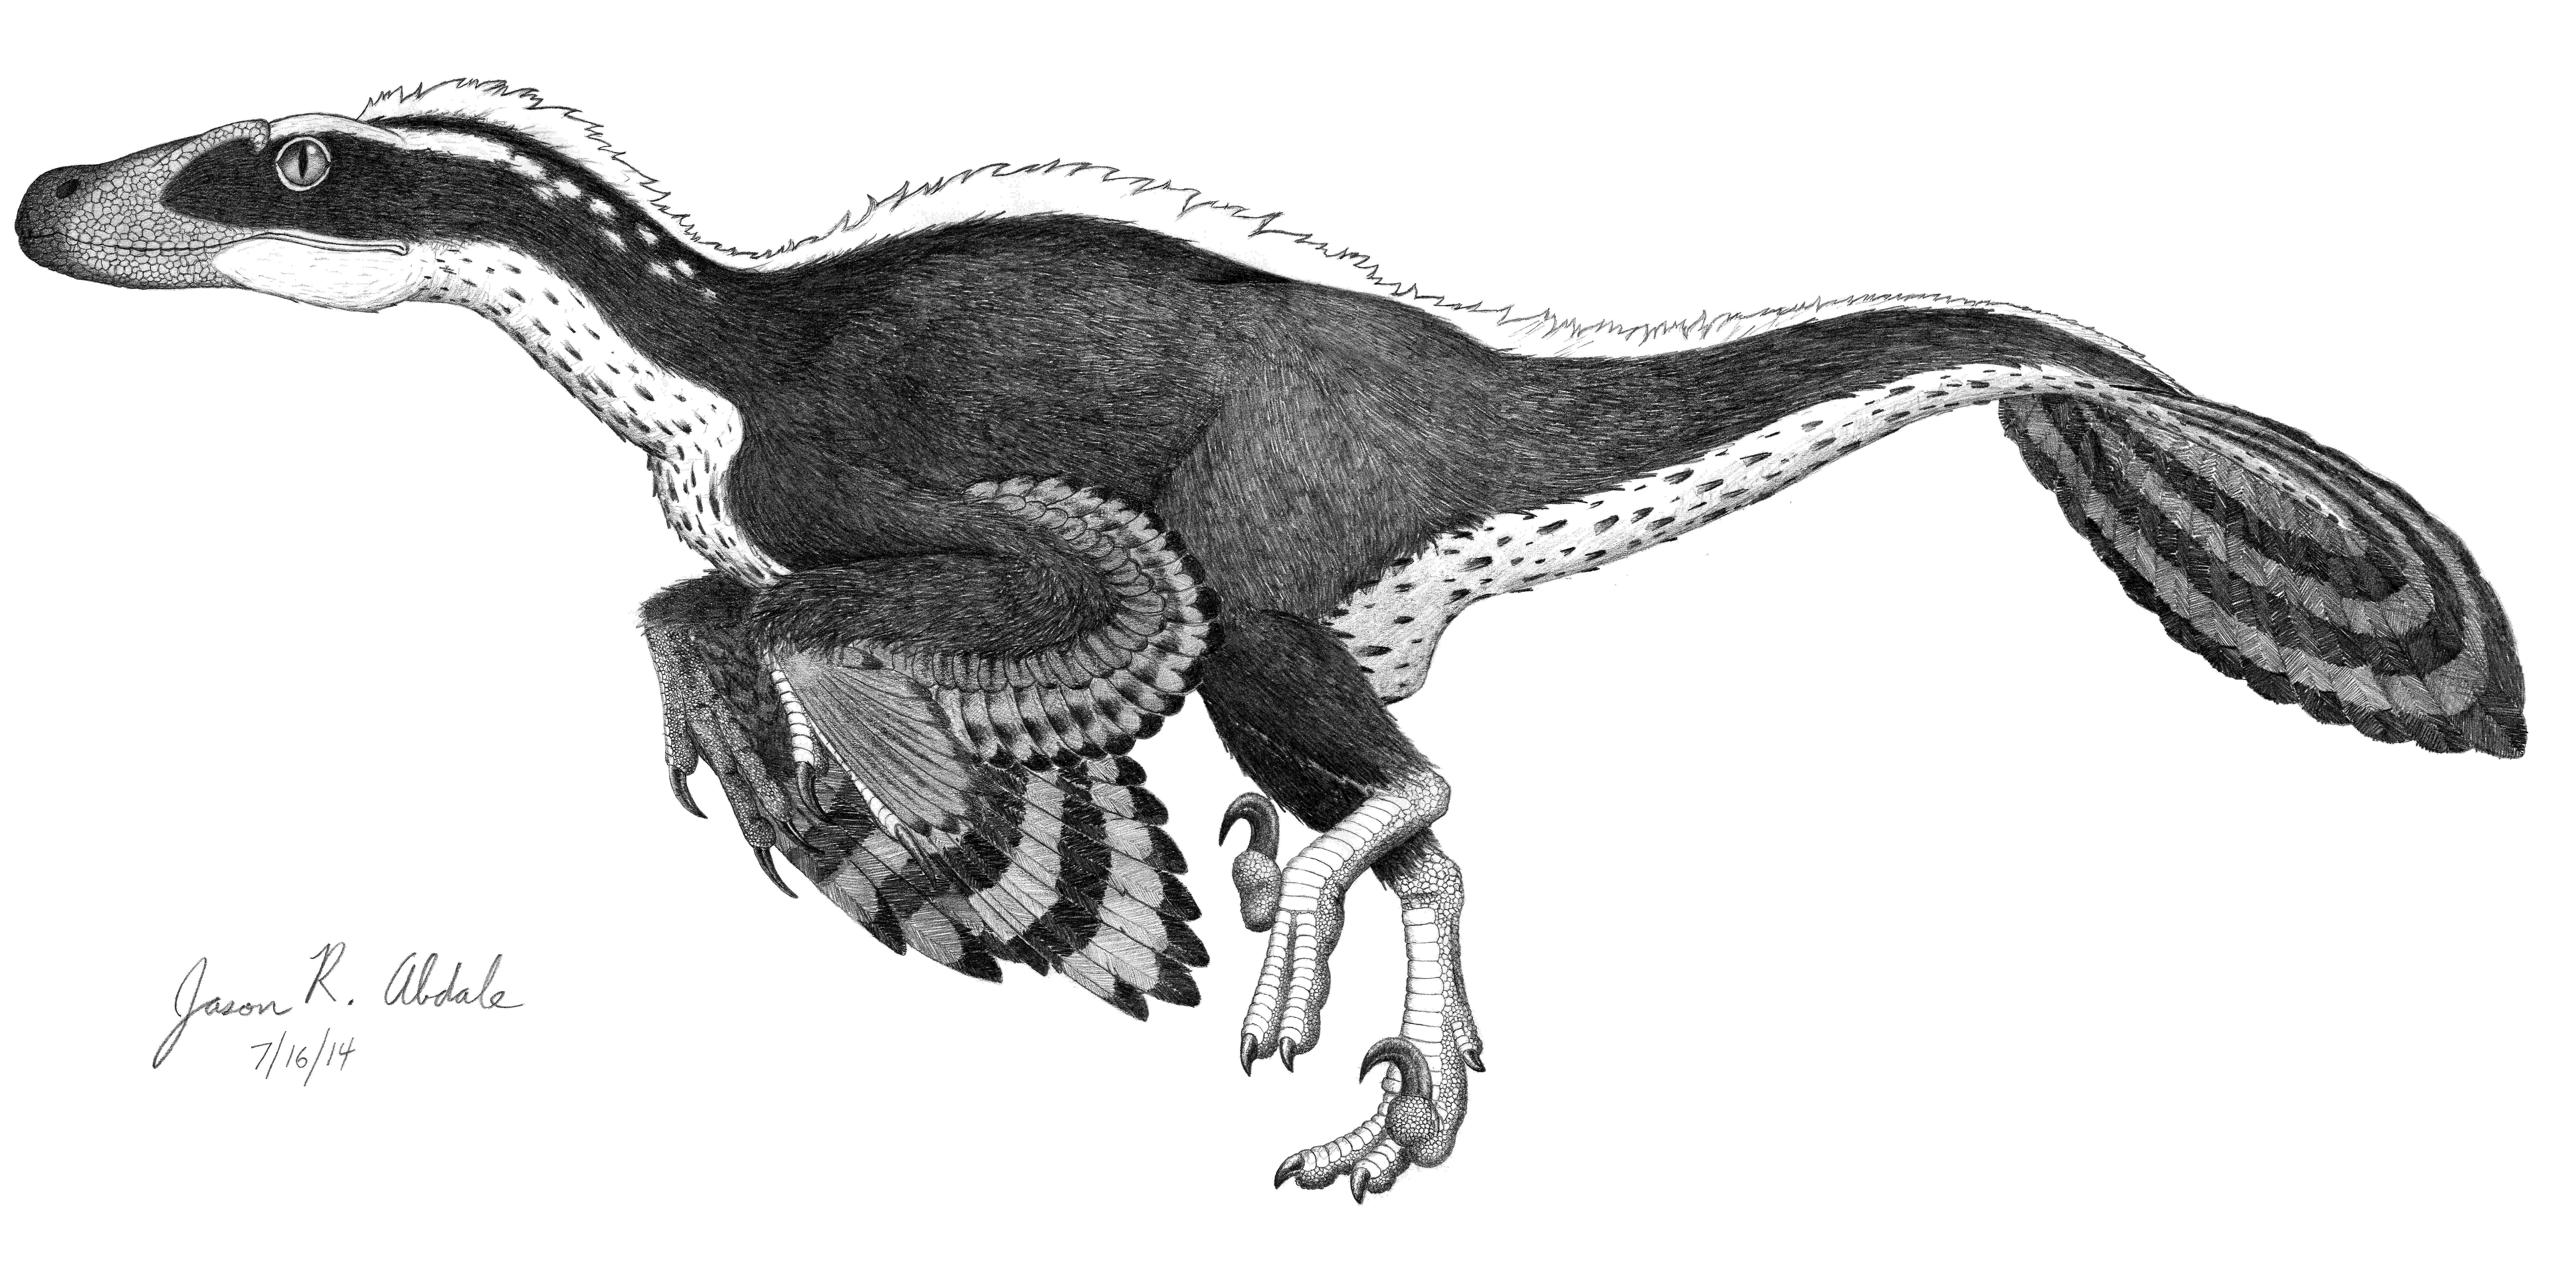 velociraptor pictures 3d dinosaur puzzle velociraptor komatex pvc boneyard pictures velociraptor